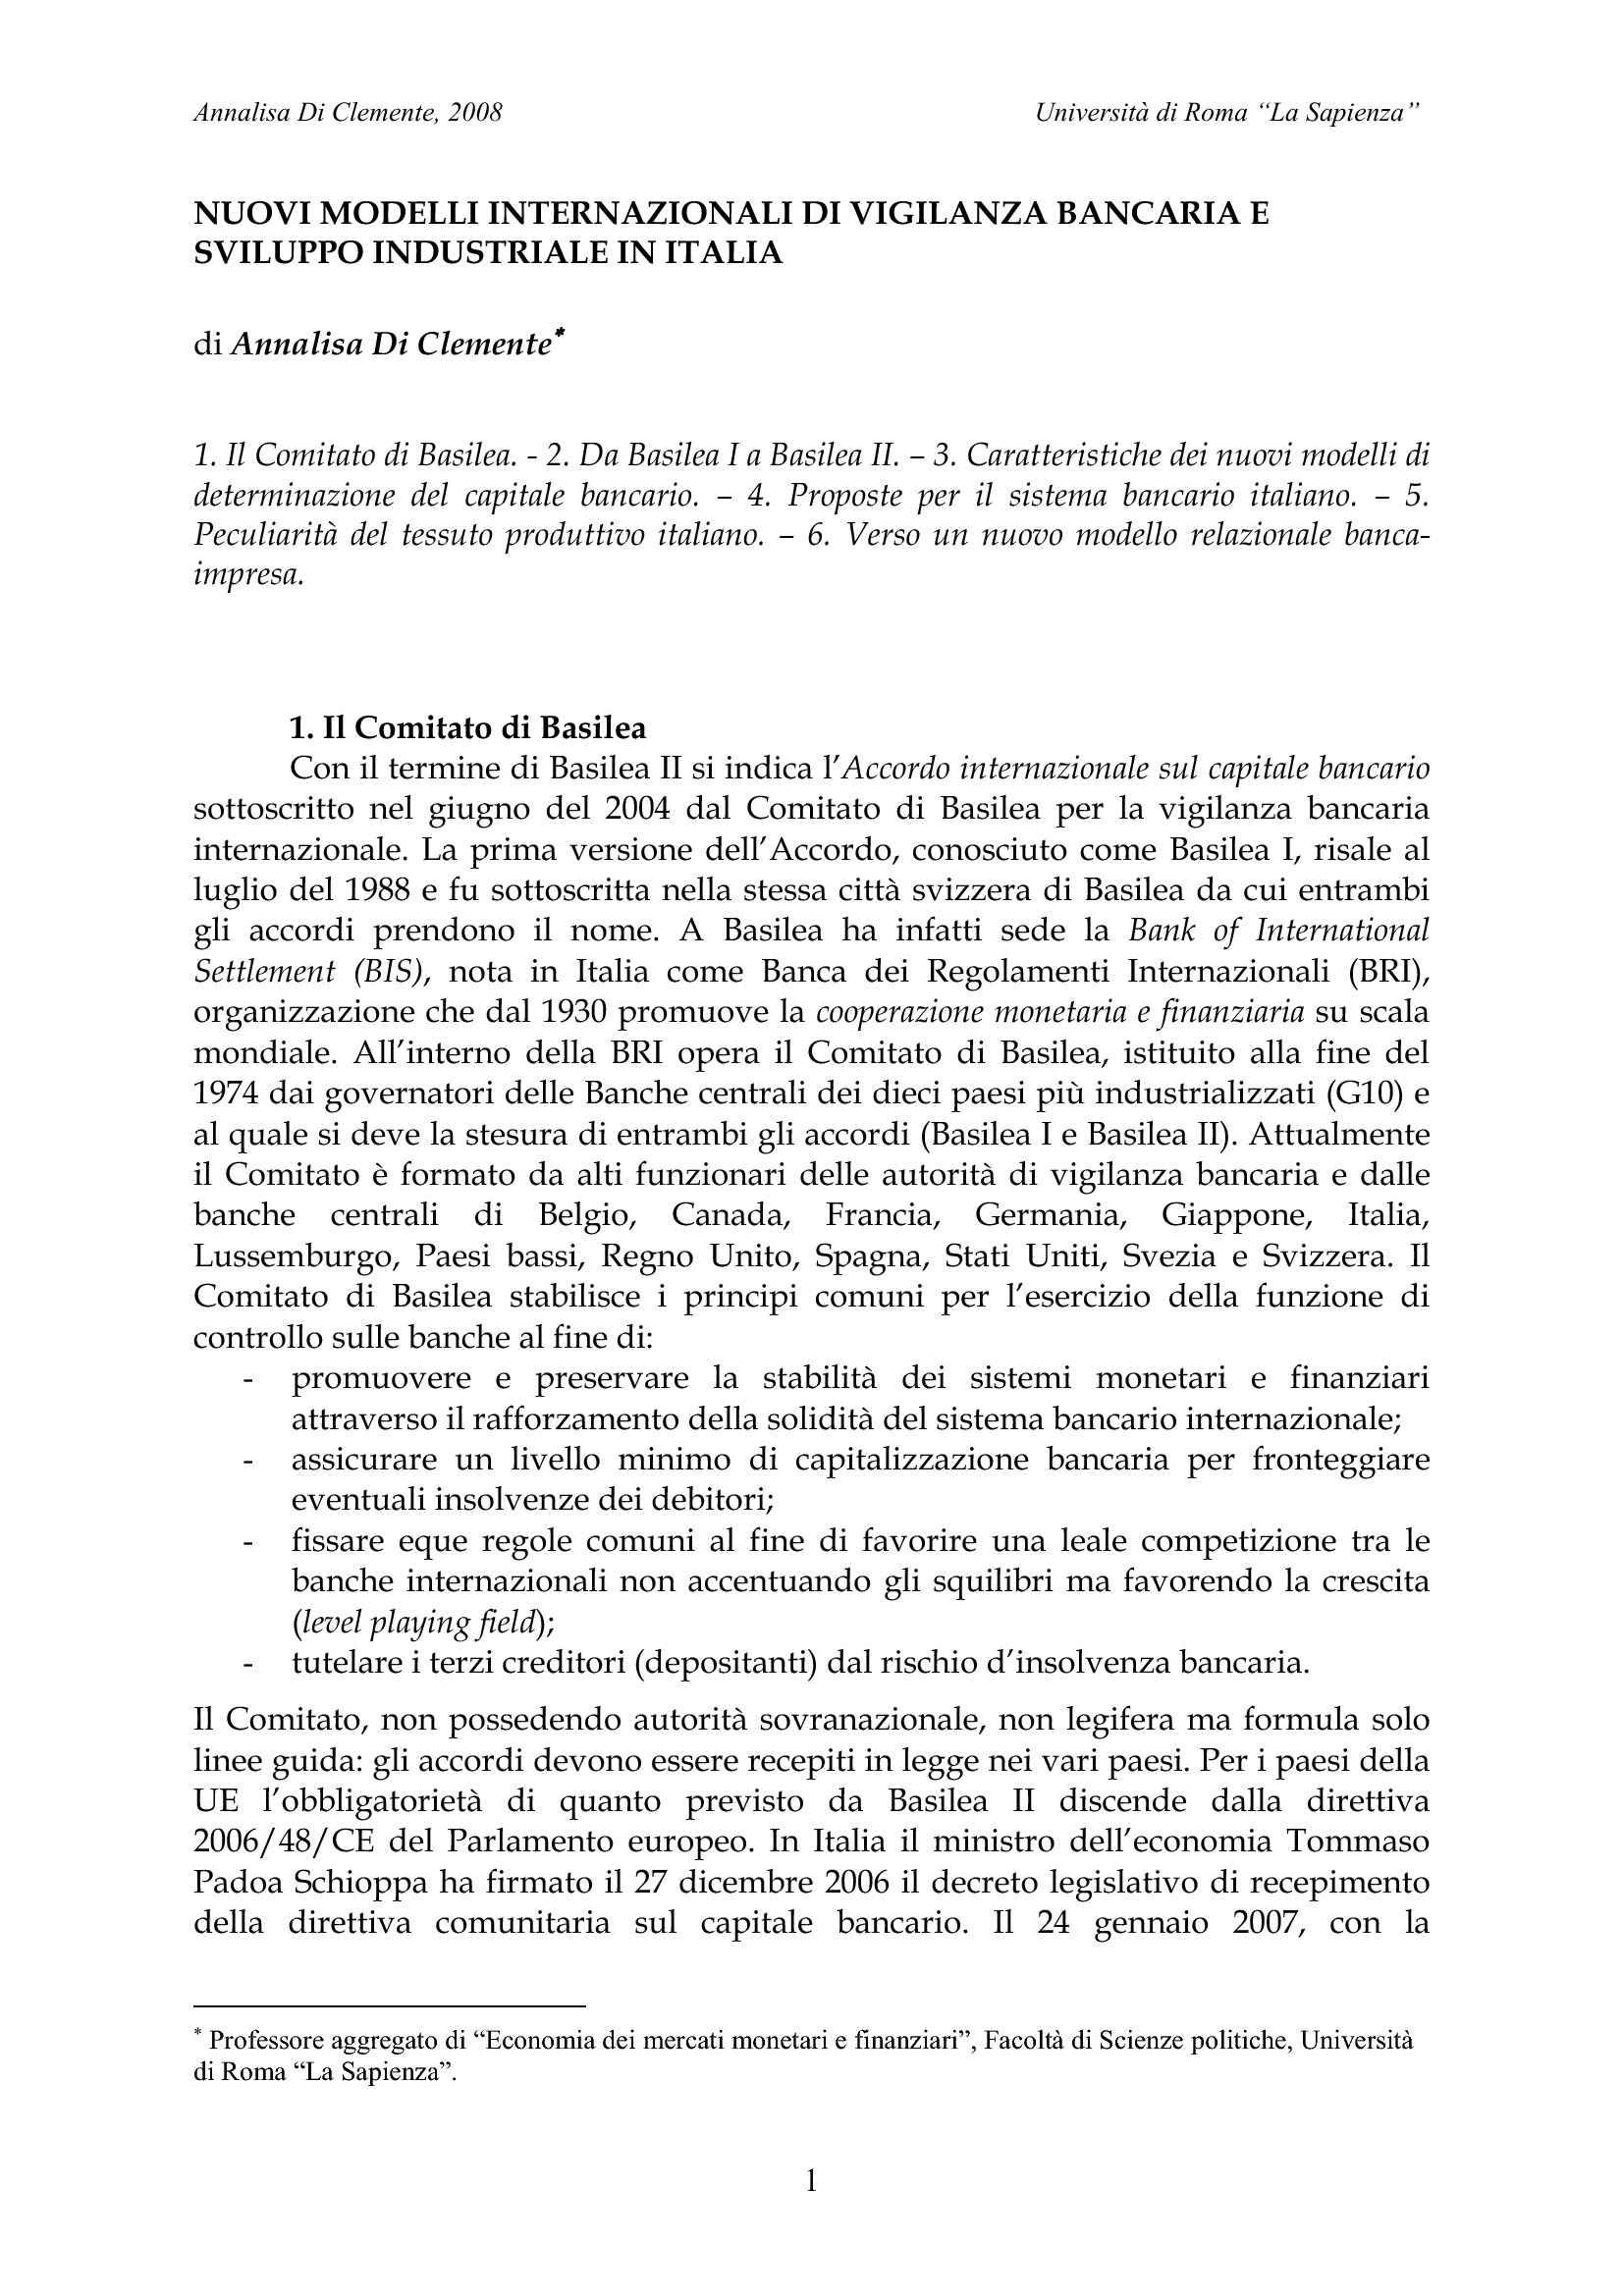 Accordo di Basilea sulla vigilanza bancaria